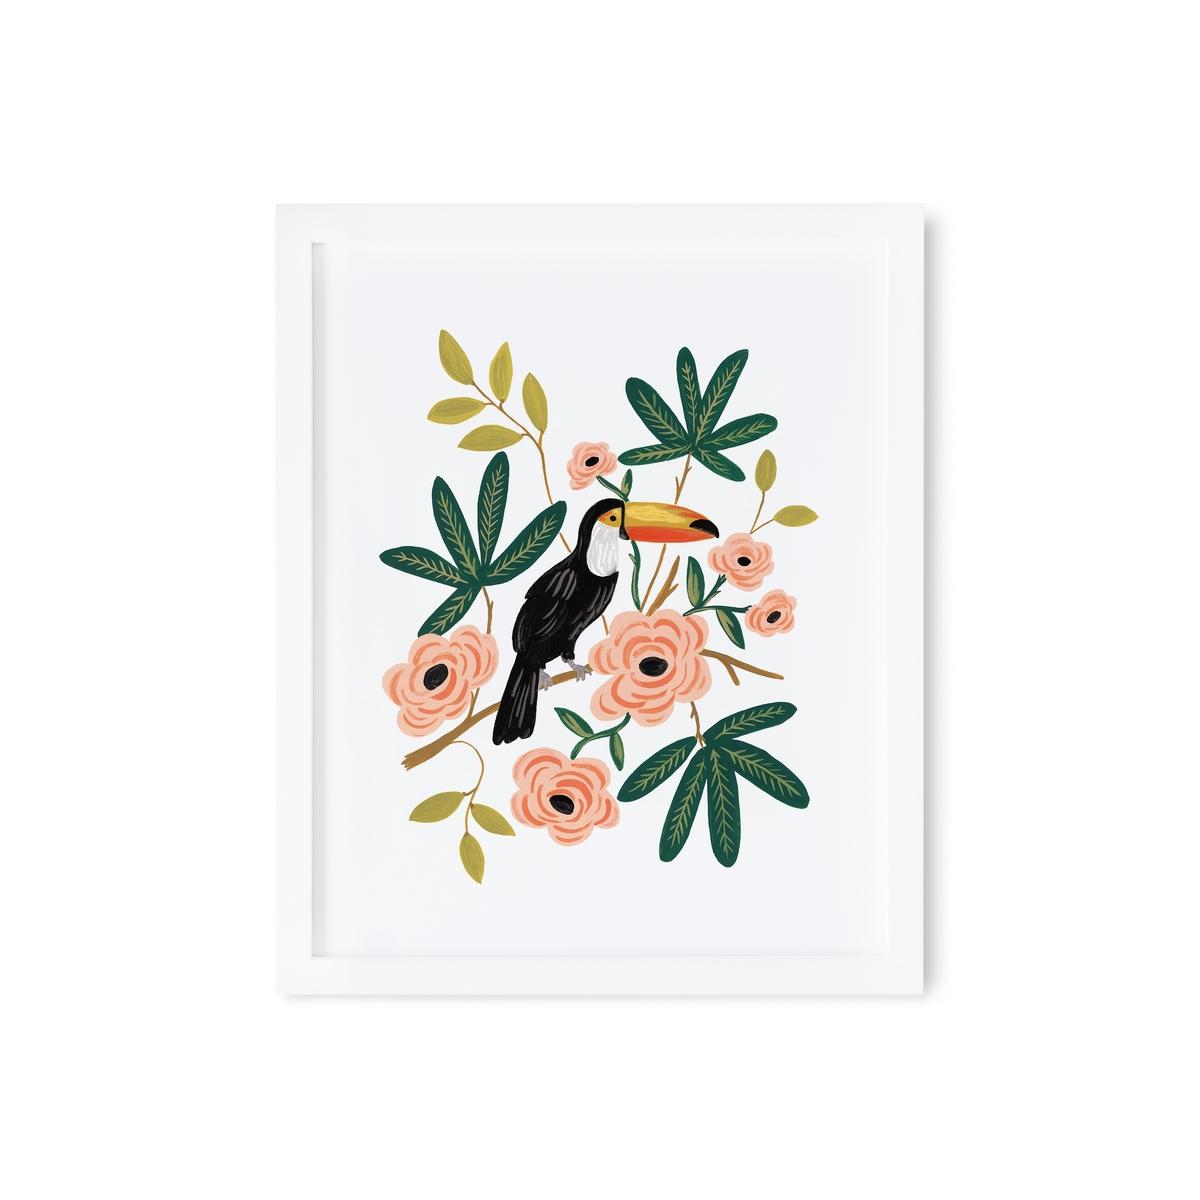 """Affiche & poster Affiches """"Toucan"""" - 40.6 x 50.8 cm Affiches """"Toucan"""" - 40.6 x 50.8 cm"""